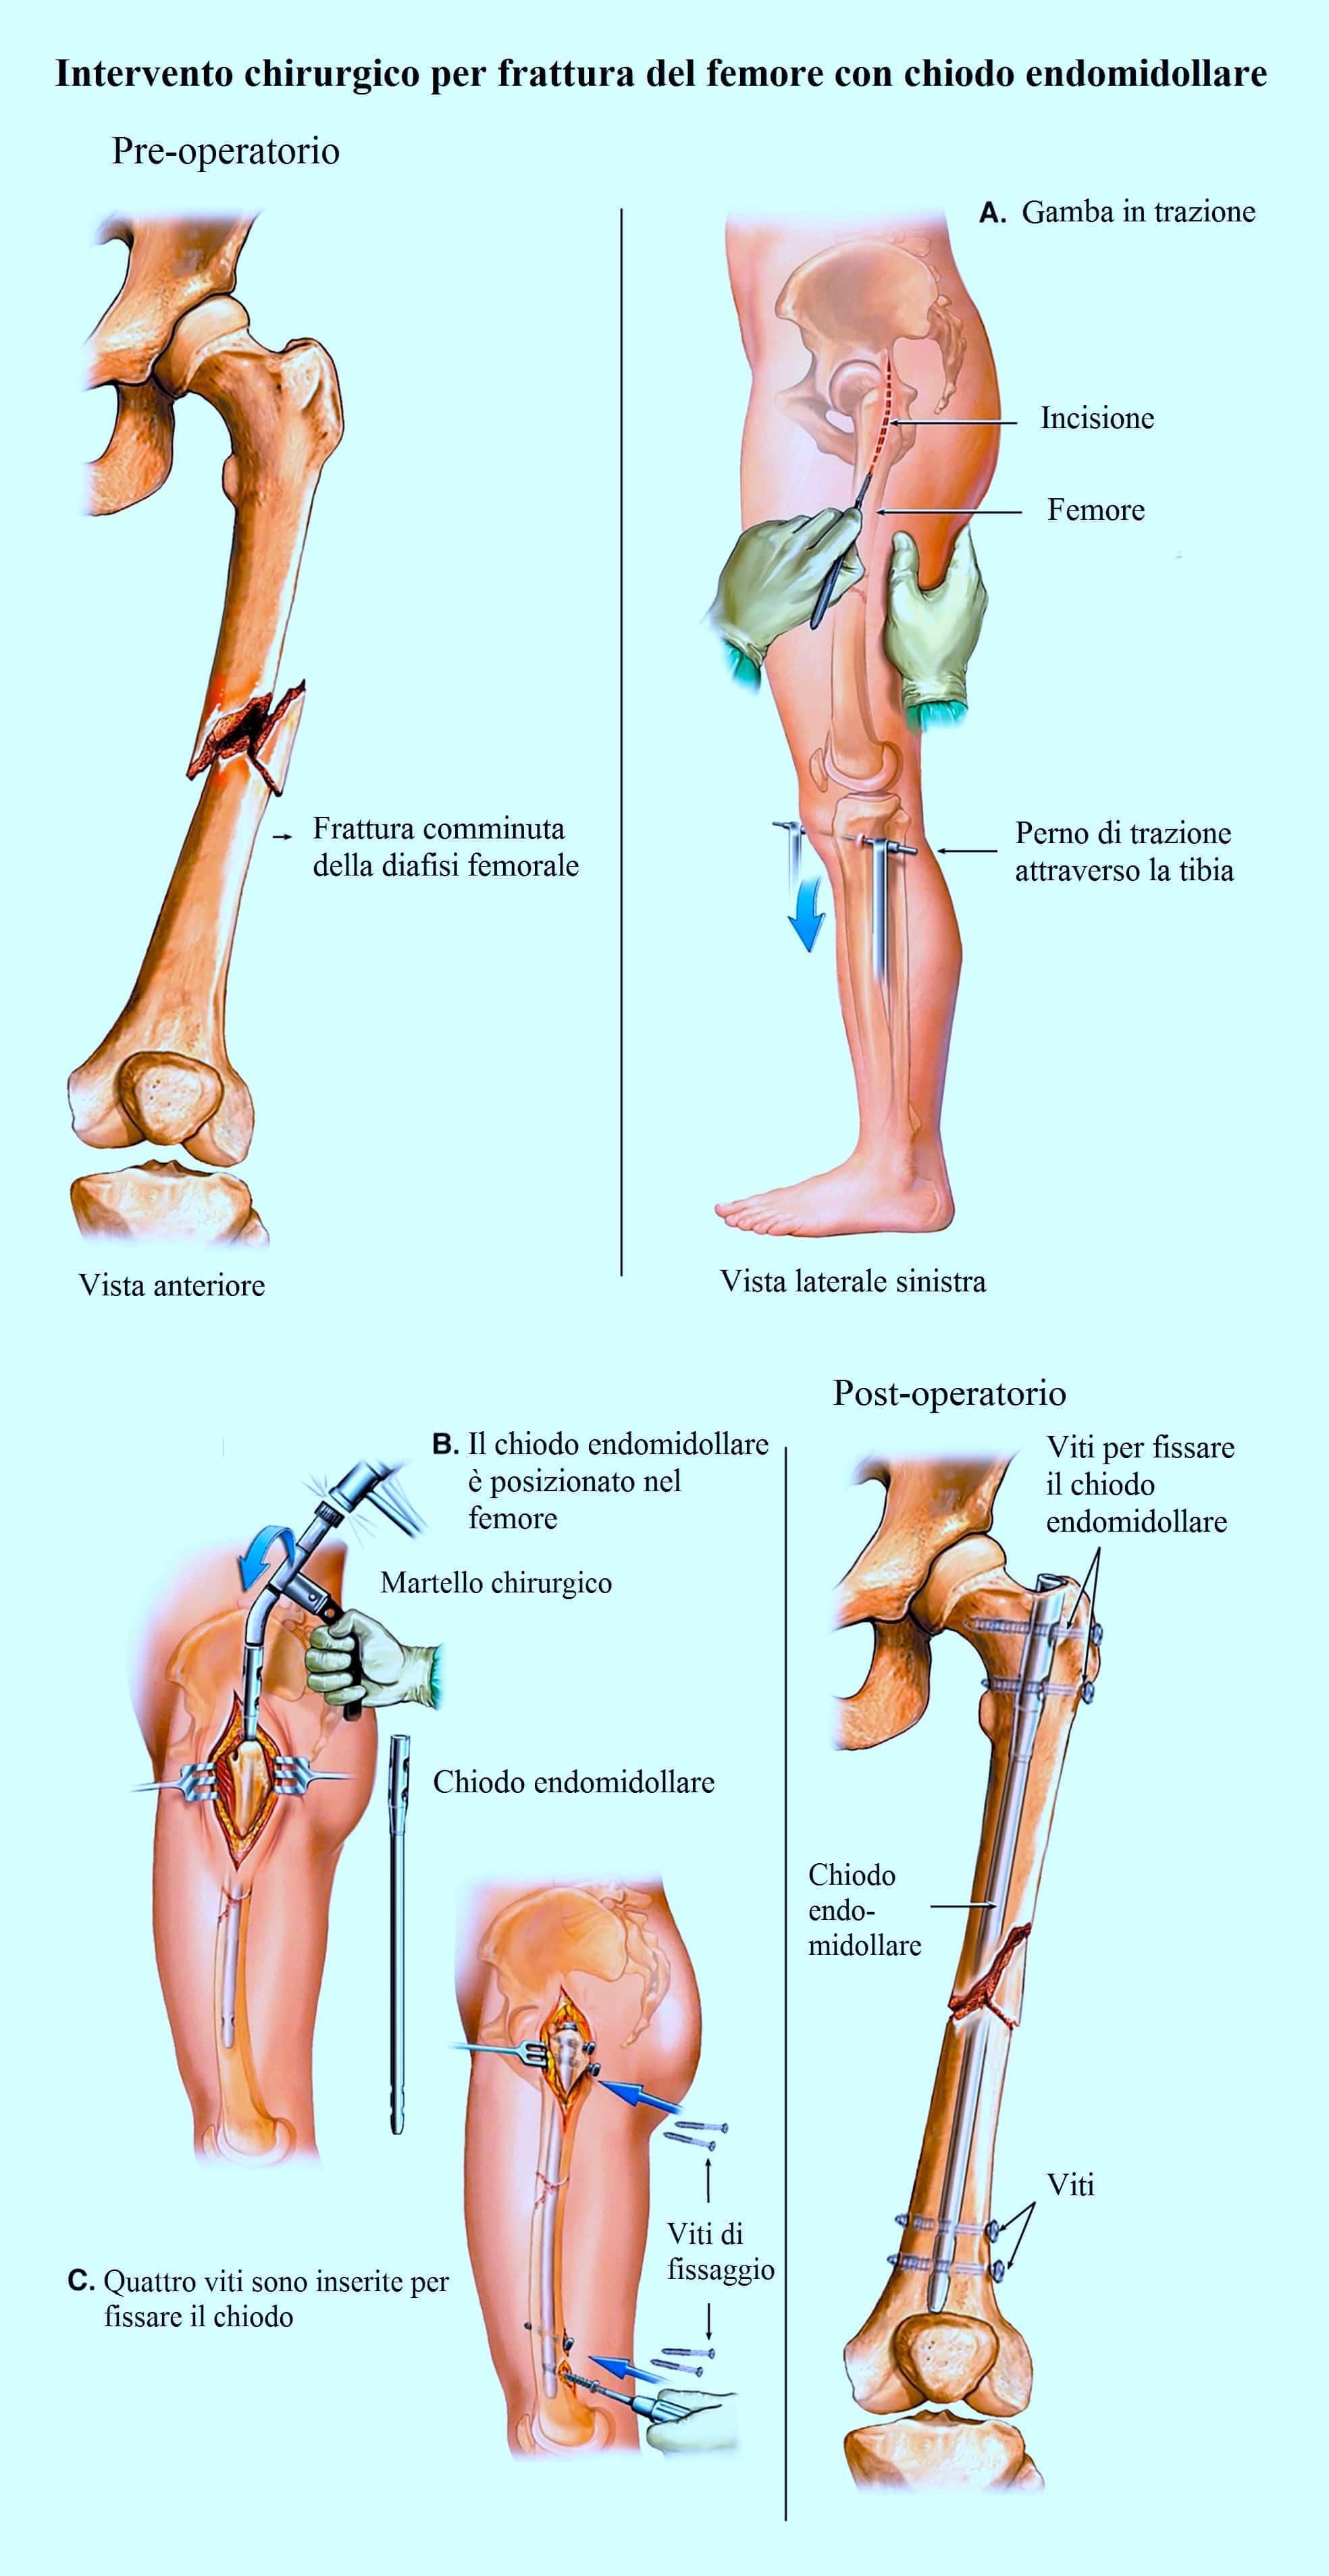 Operazione chirurgica,frattura del femore,diafisi